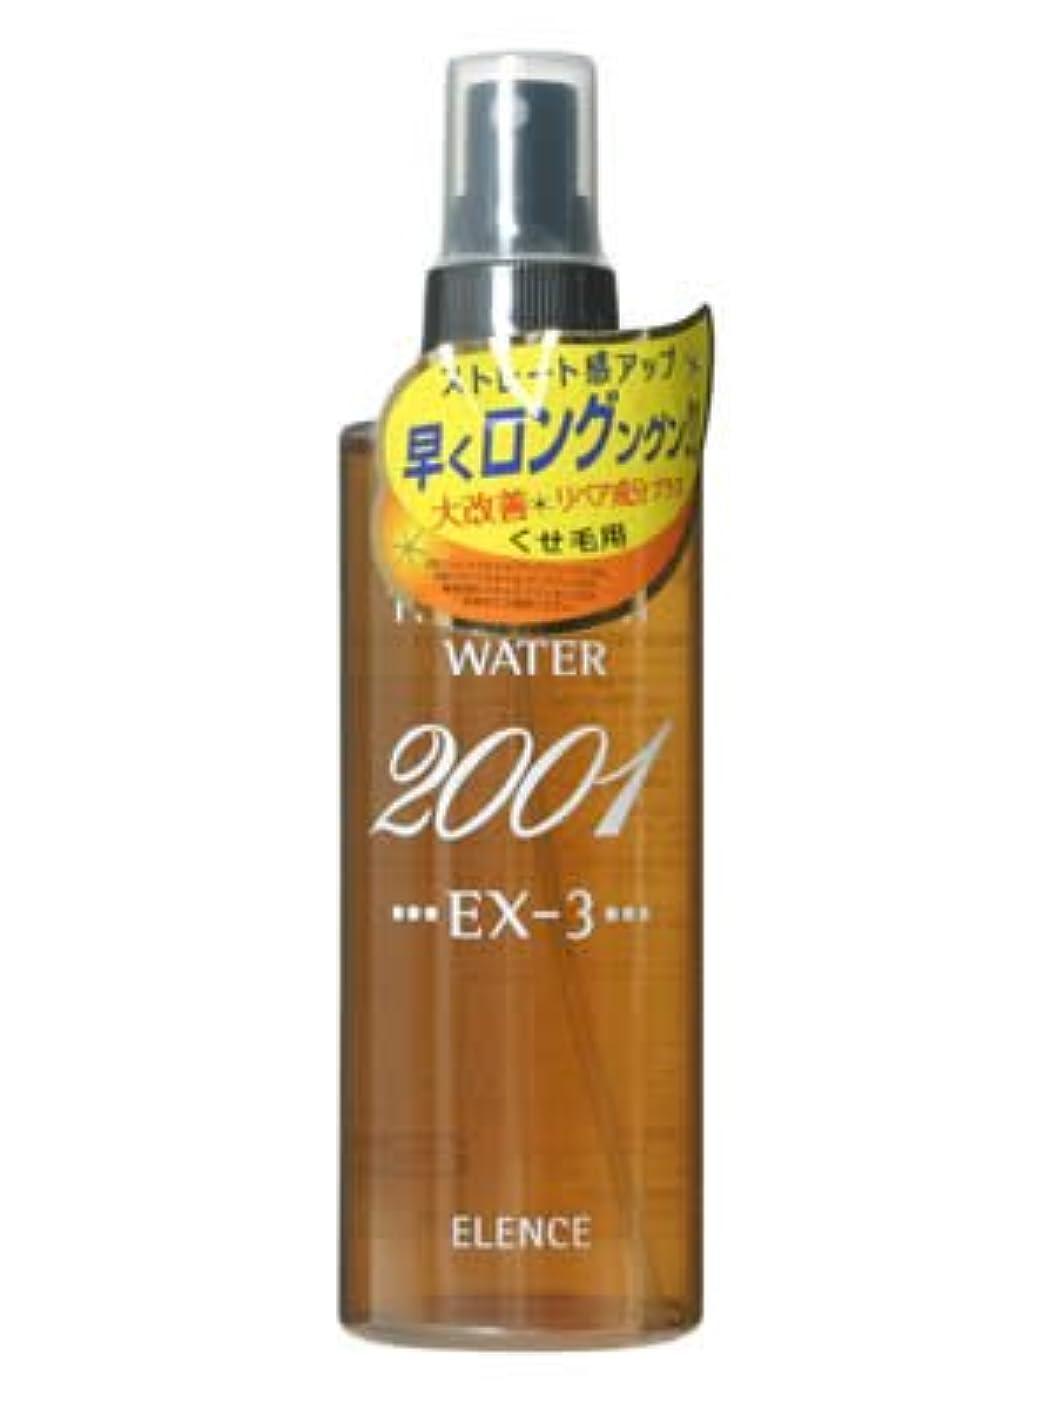 スカート機構スキニーエレンス2001 スキャルプトリートメントウォーターEX-3(くせ毛用)